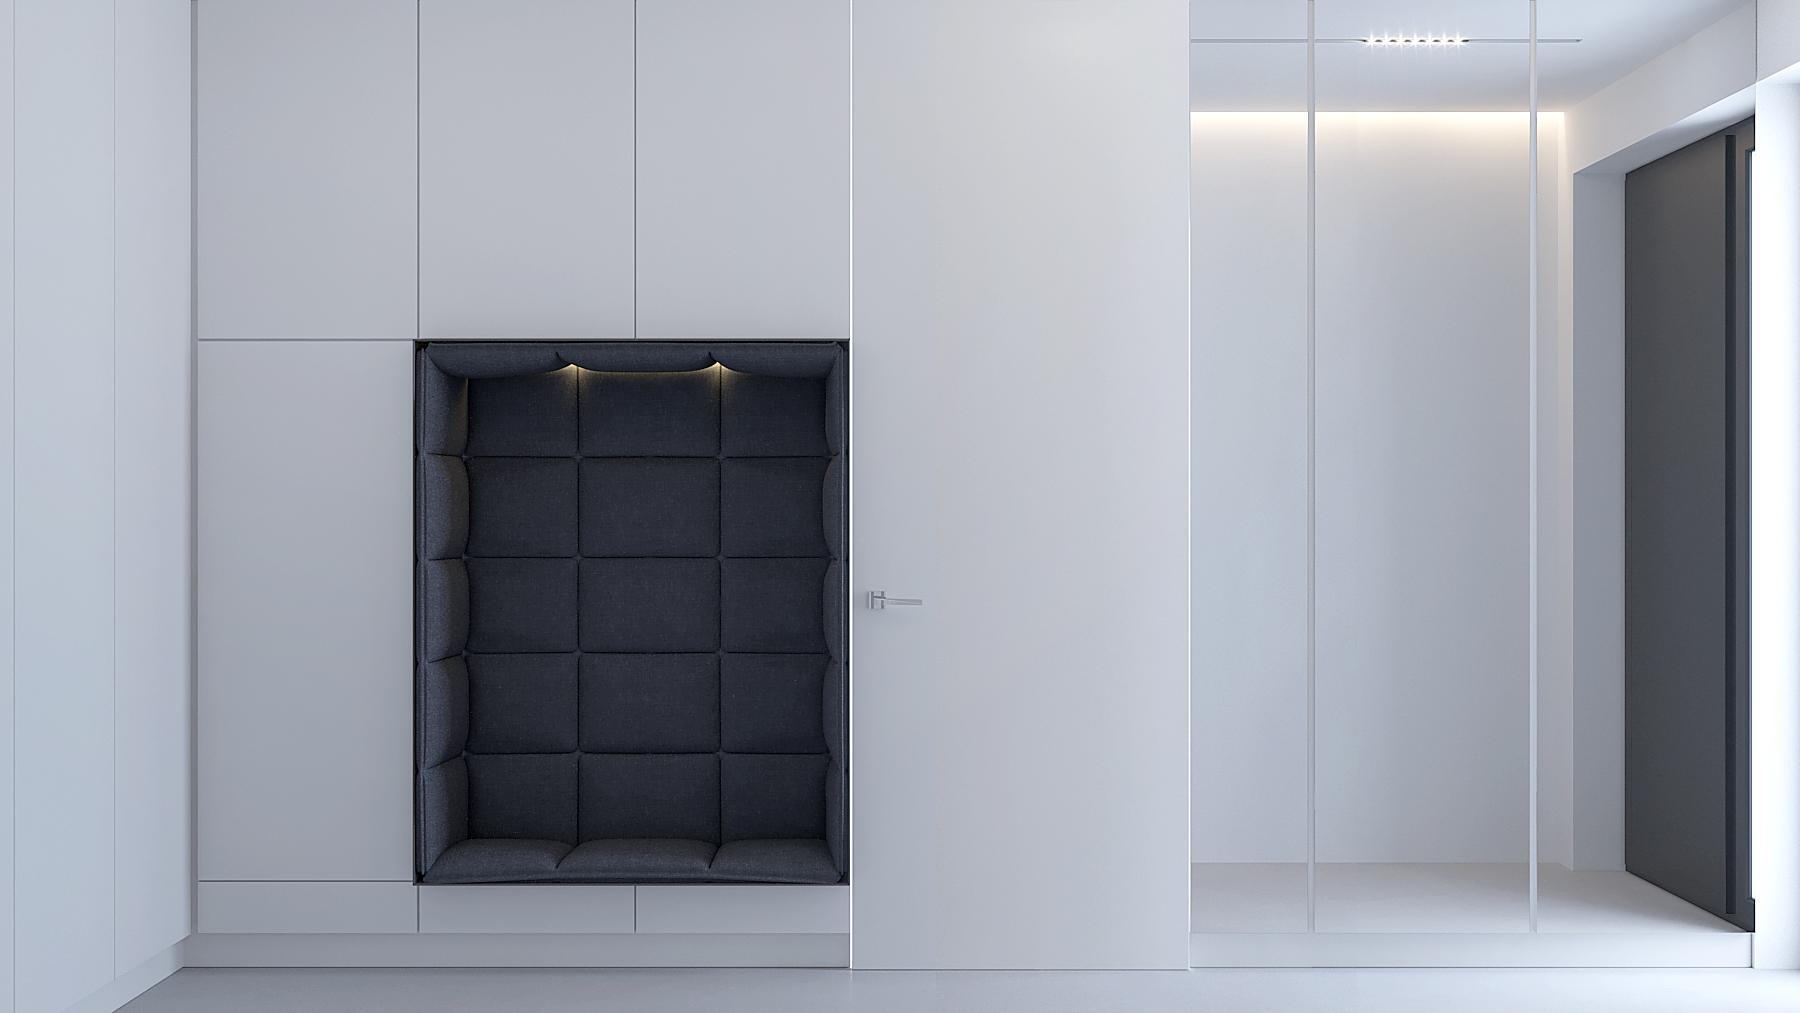 2 projektowanie wnetrz D557 dom Bibice wiatrolap biala zabudowa meblowa z siedziskiem lustrzana sciana